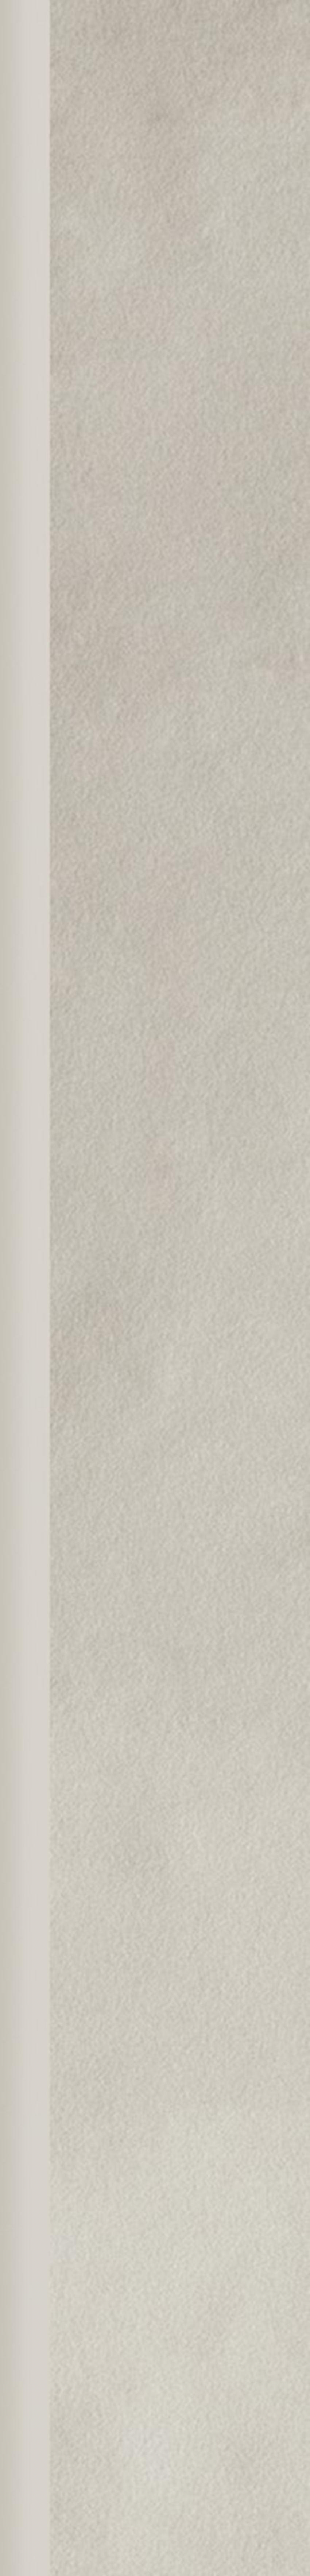 Płytka cokołowa 7,2x59,8 cm  Paradyż Tigua Bianco Cokół Mat